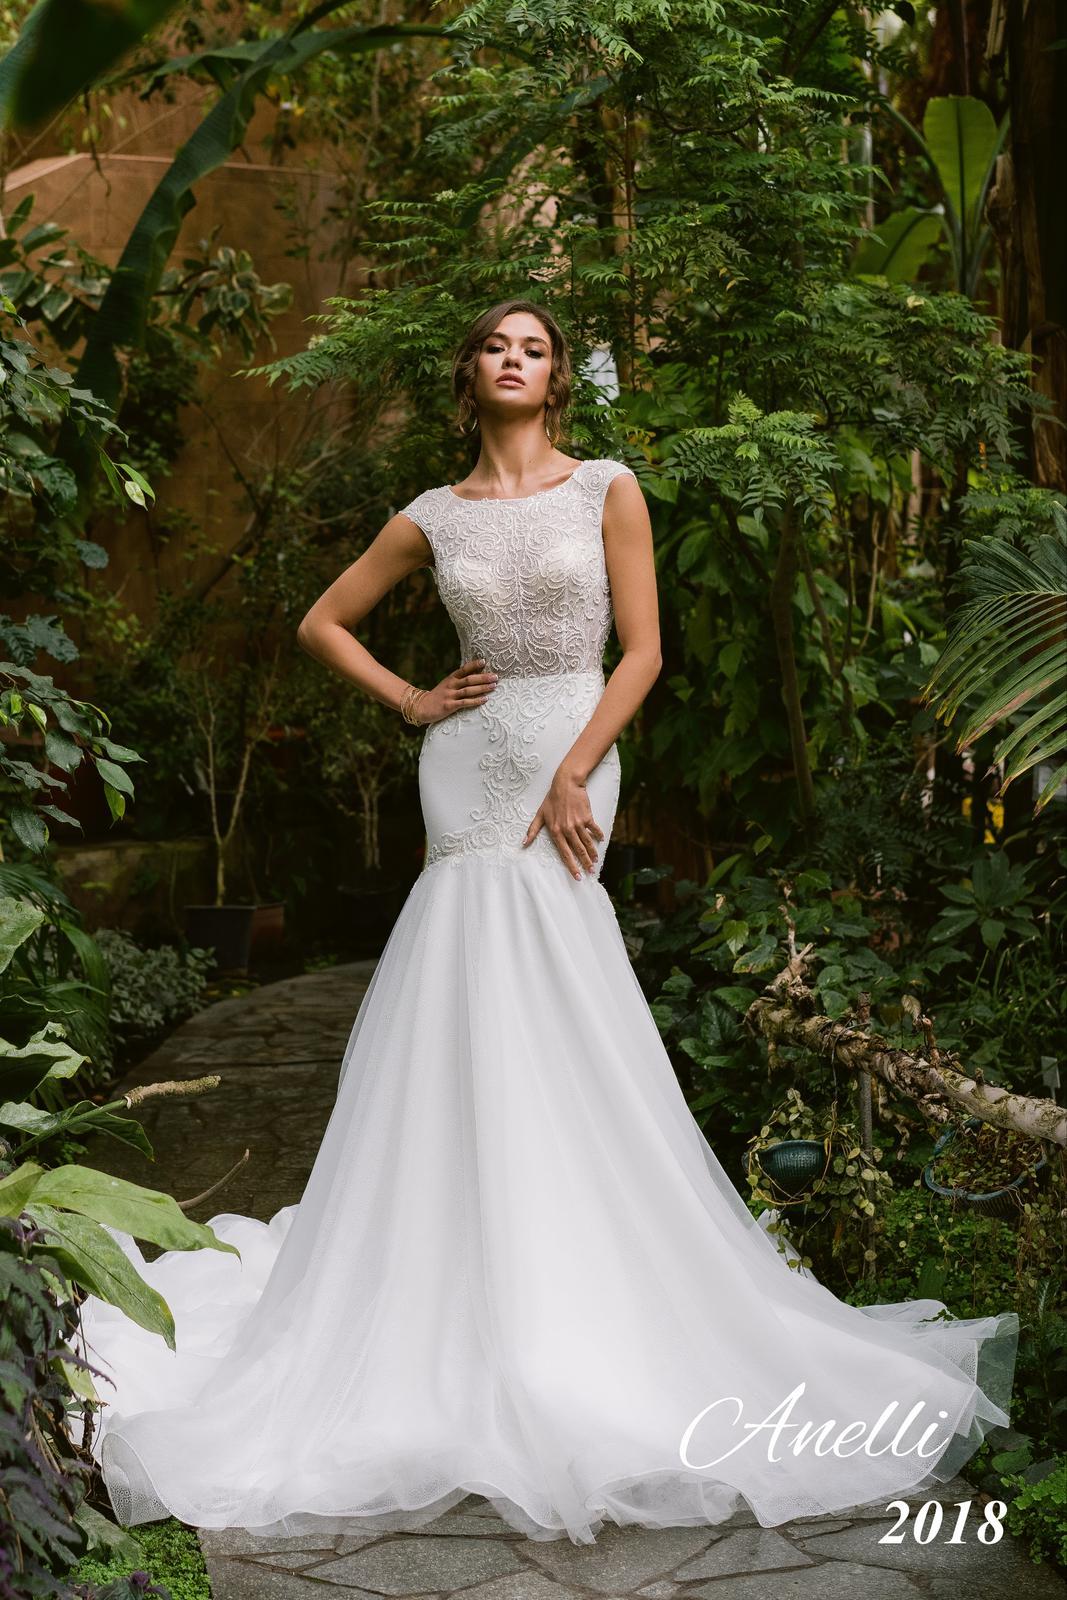 Svadobné šaty - Breeze 2018 - Obrázok č. 1